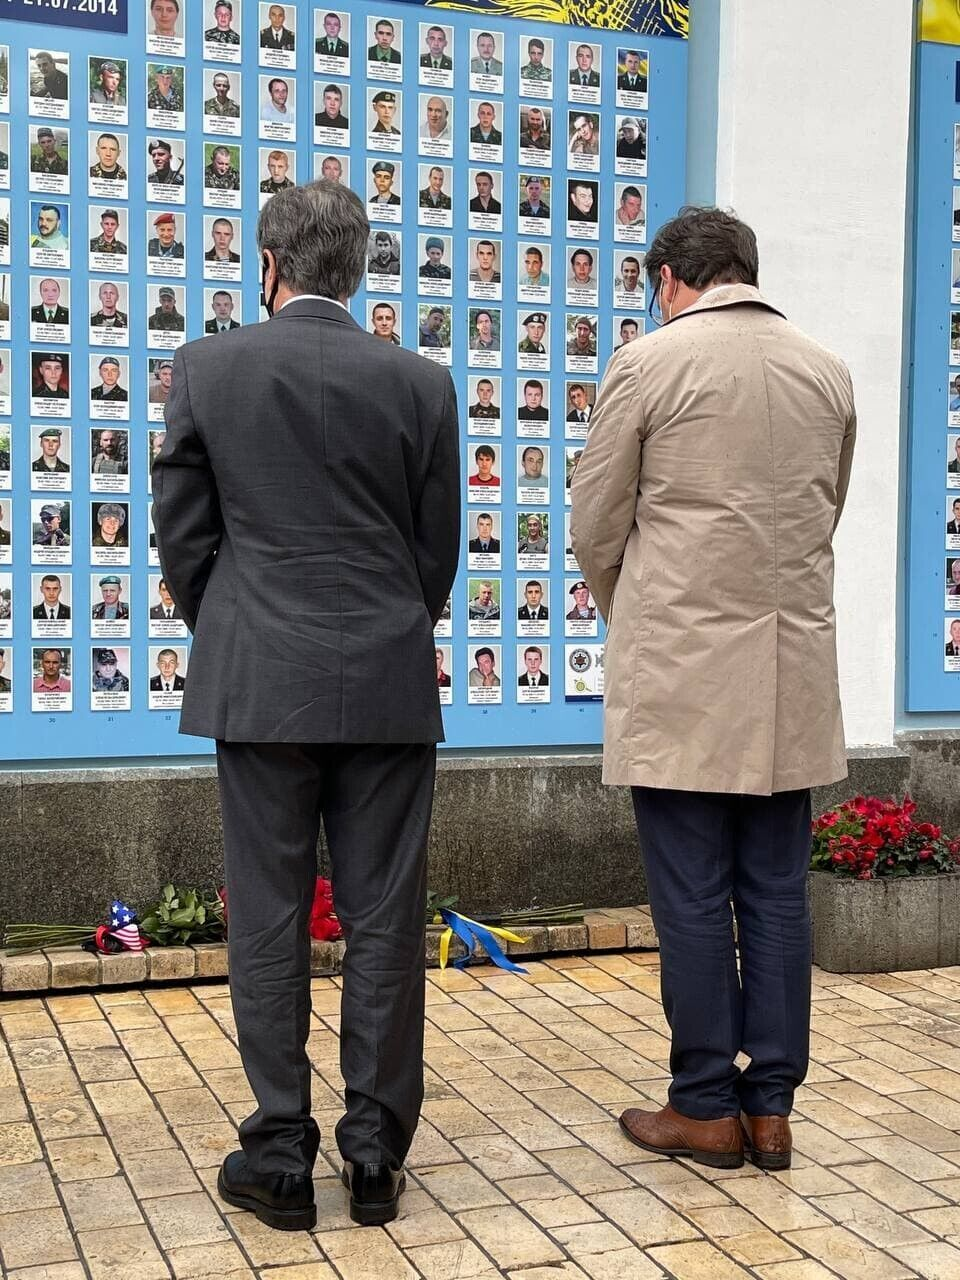 Энтони Блинкен возложил цветы к мемориалу погибшим на Донбассе